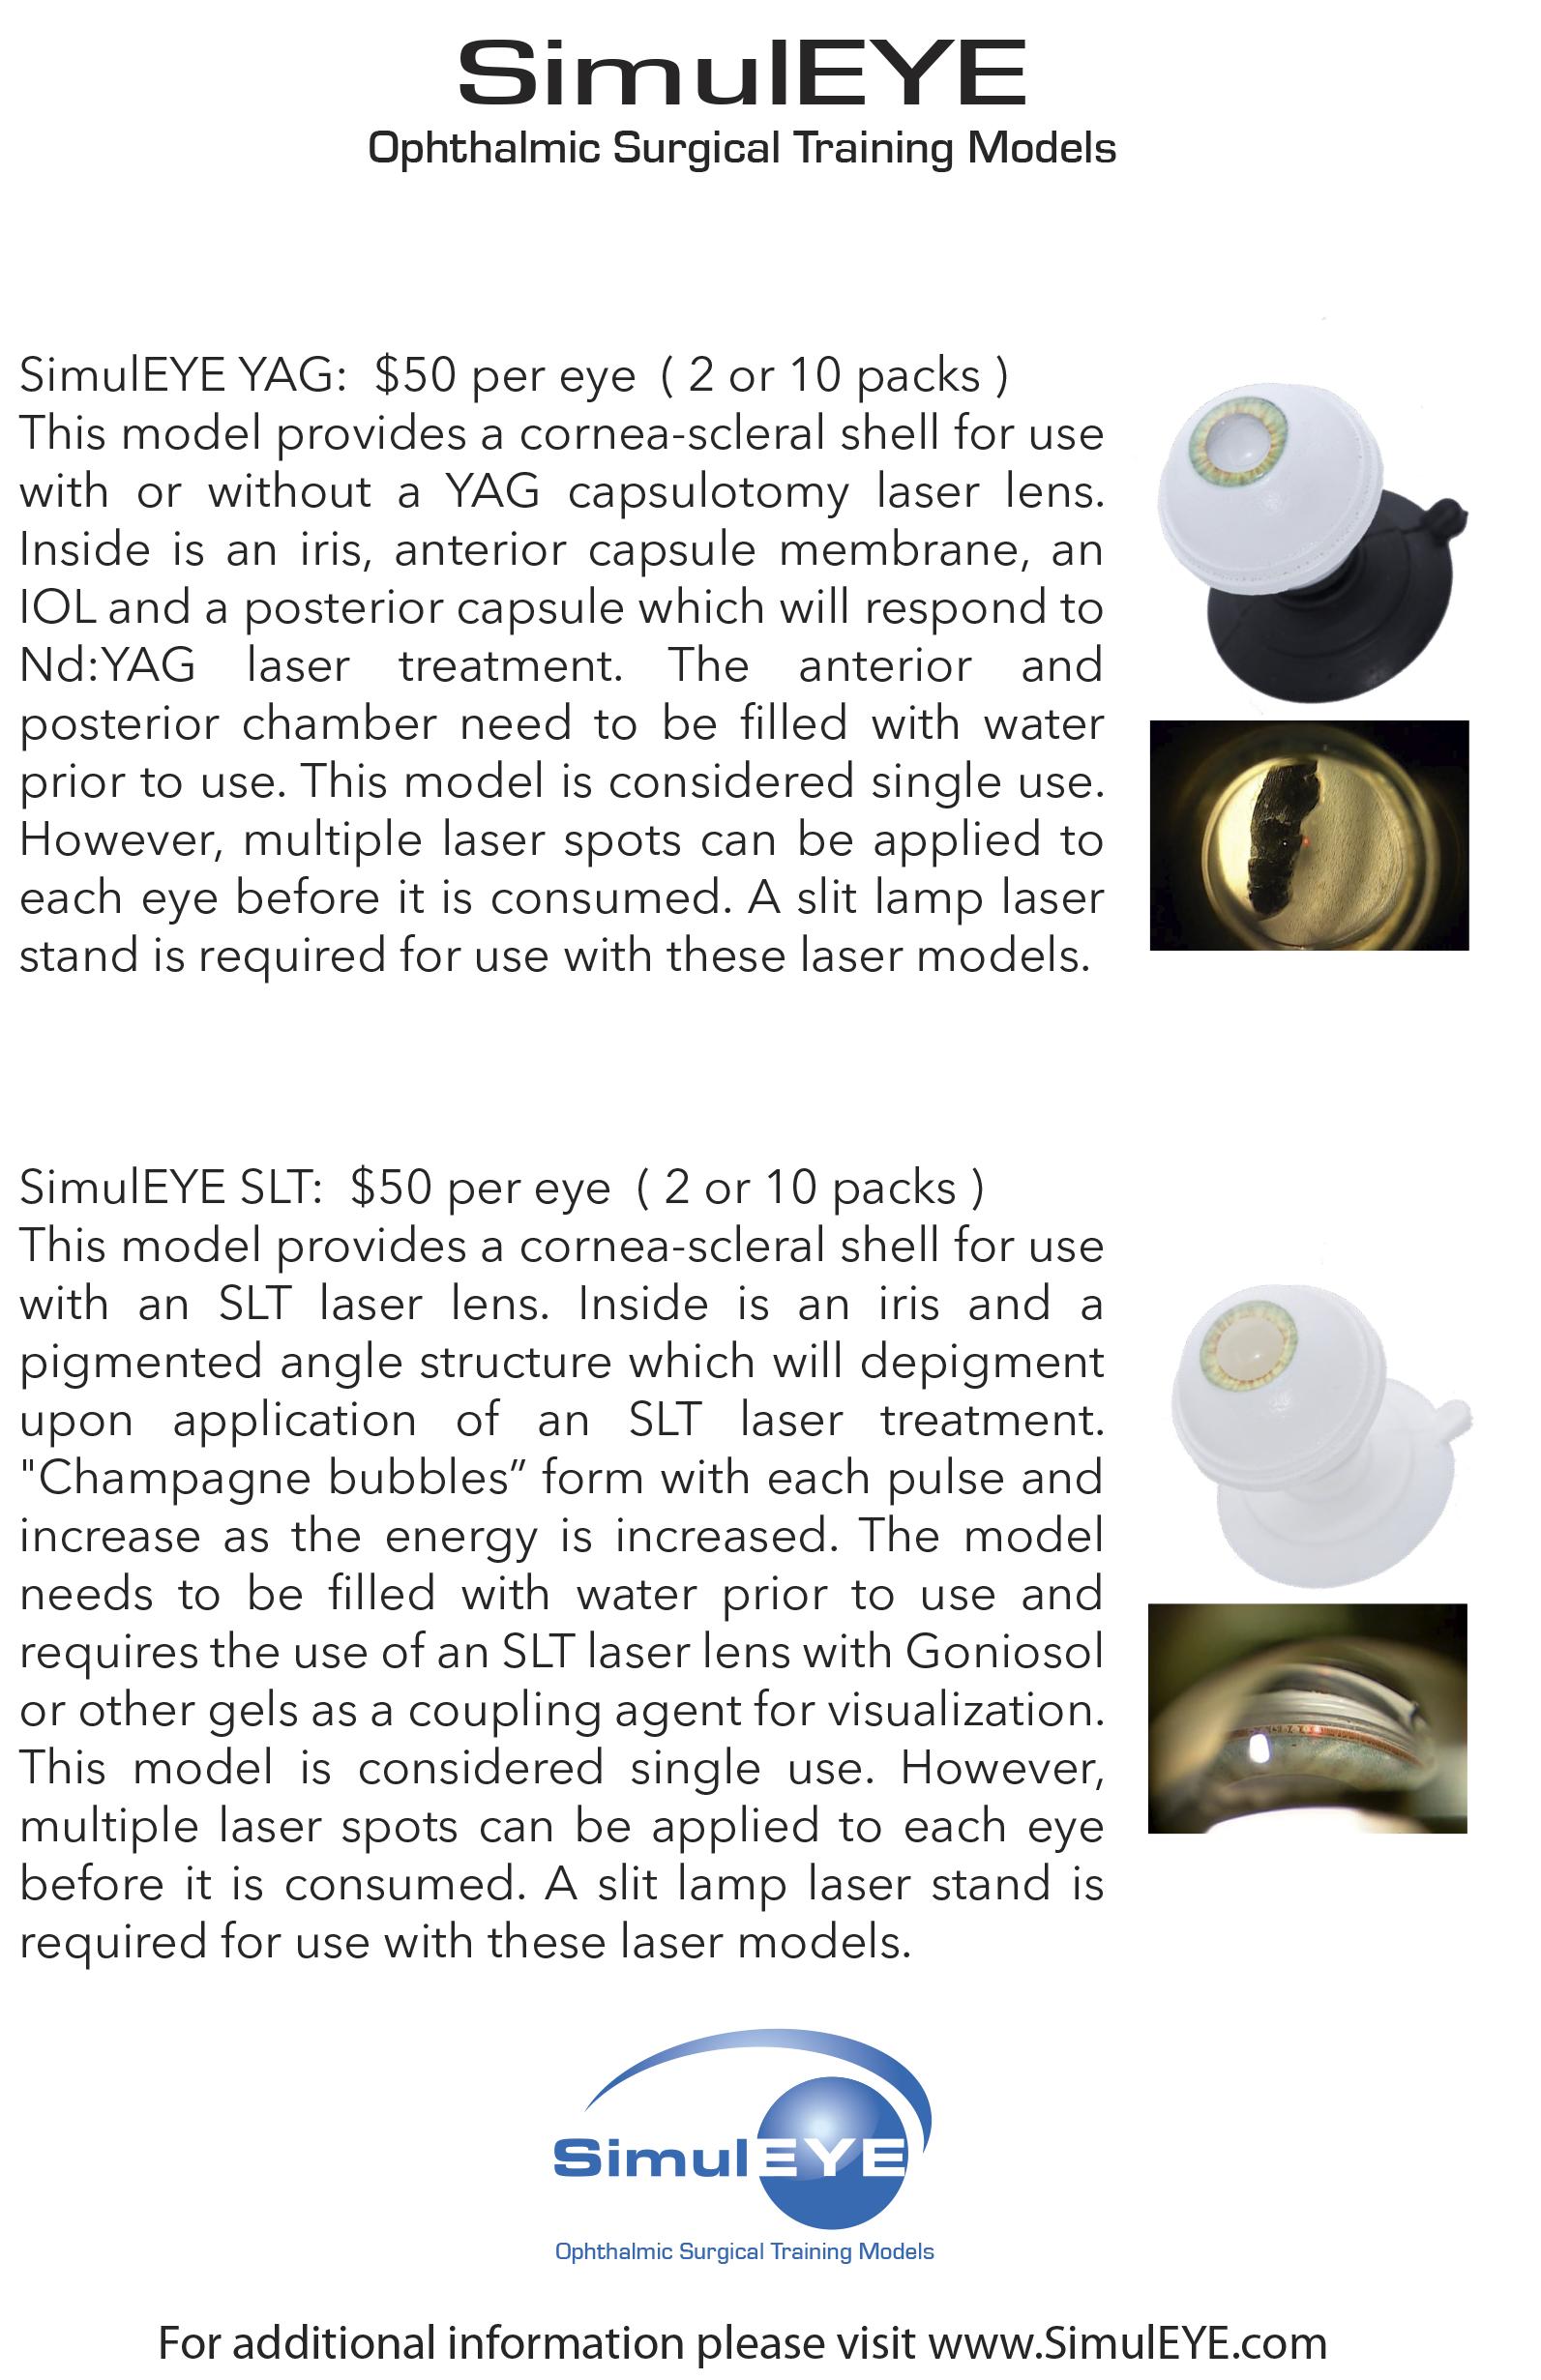 SimulEYE YAG SLT LPI BrochureThumb.png